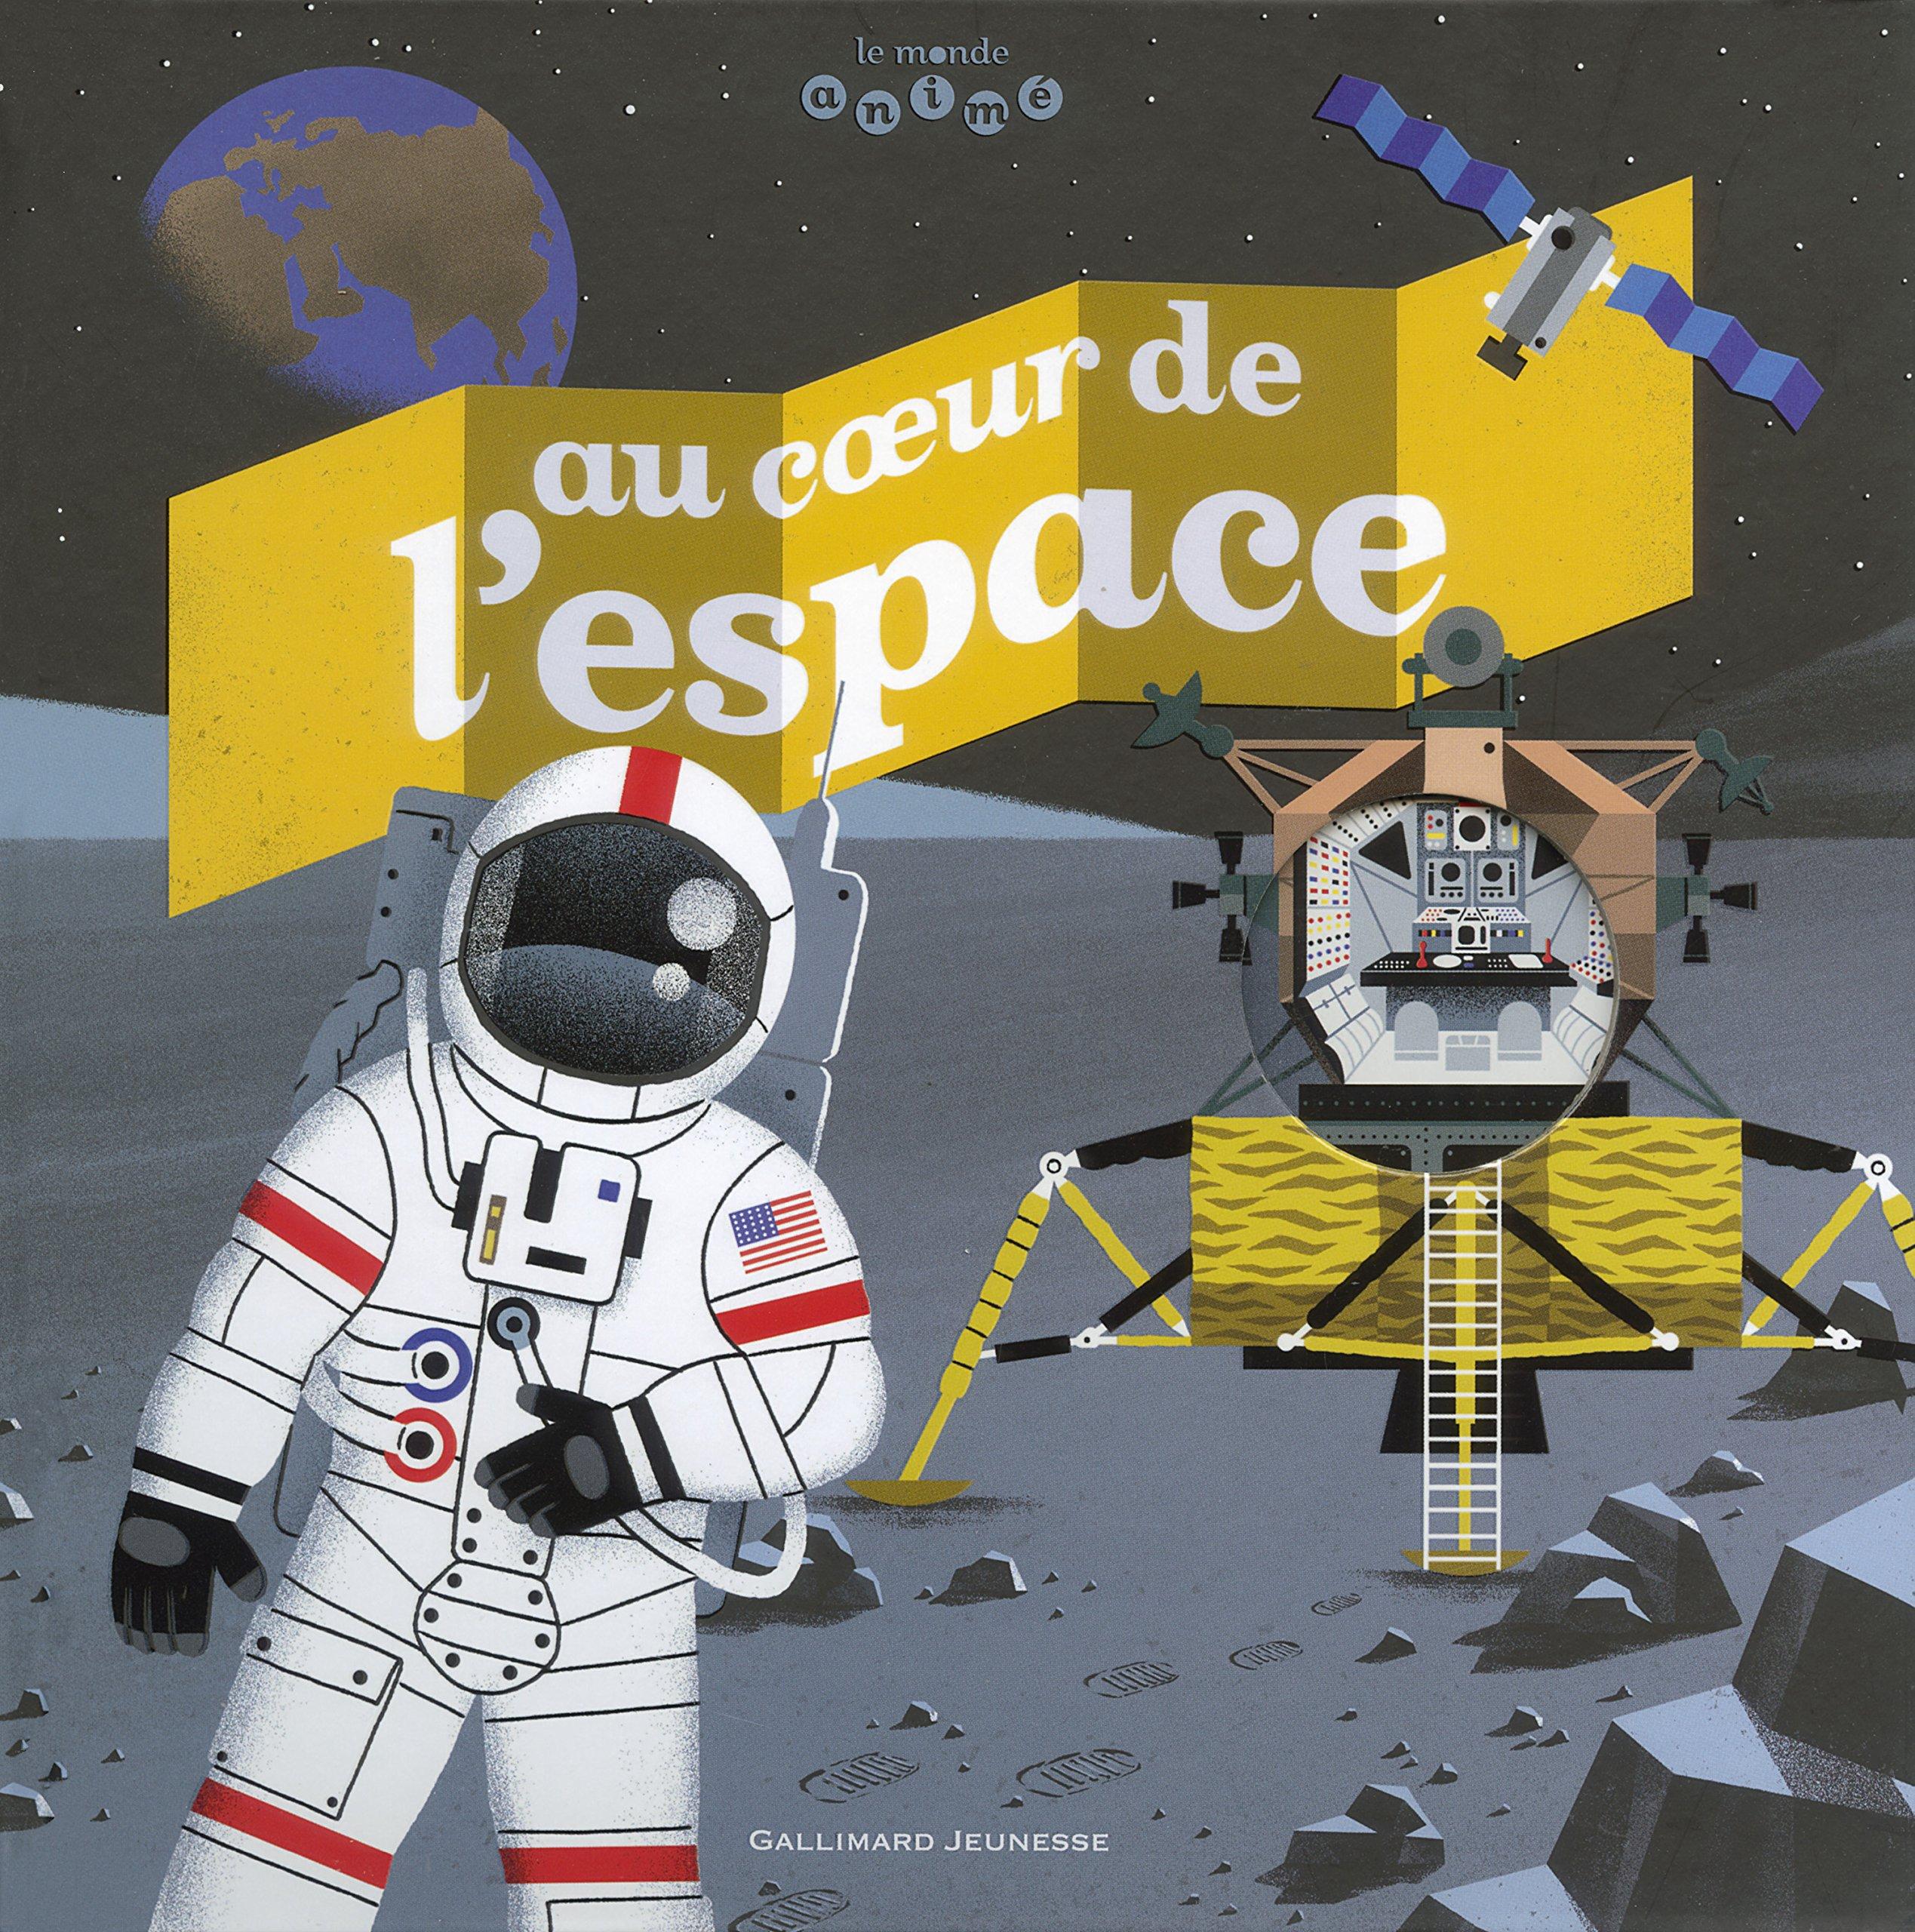 Au cœur de l'espace Album – 24 septembre 2015 Christophe Chaffardon Kiko Au cœur de l' espace Gallimard Jeunesse